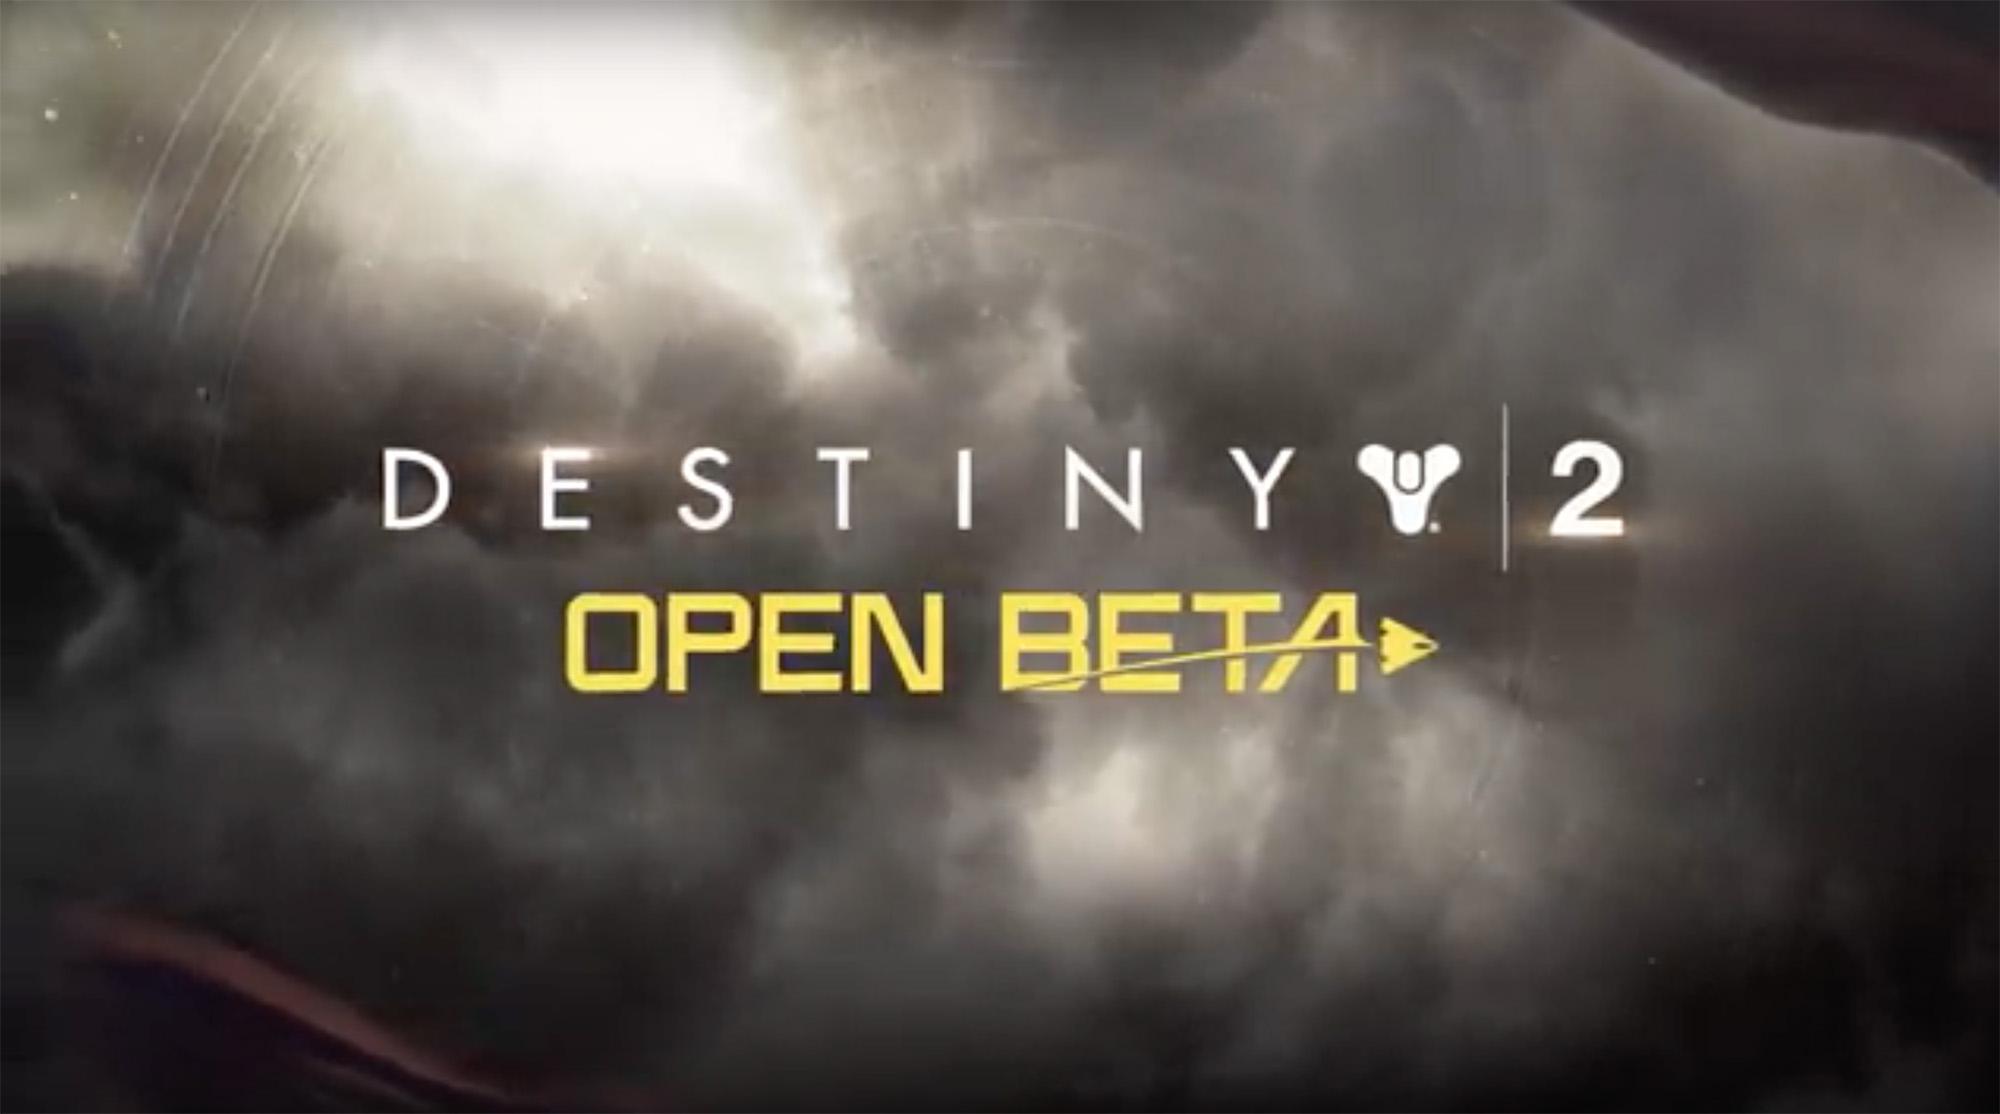 Destiny 2-betaen er åpen for alle konsollspillere - PC får en separat beta senere.